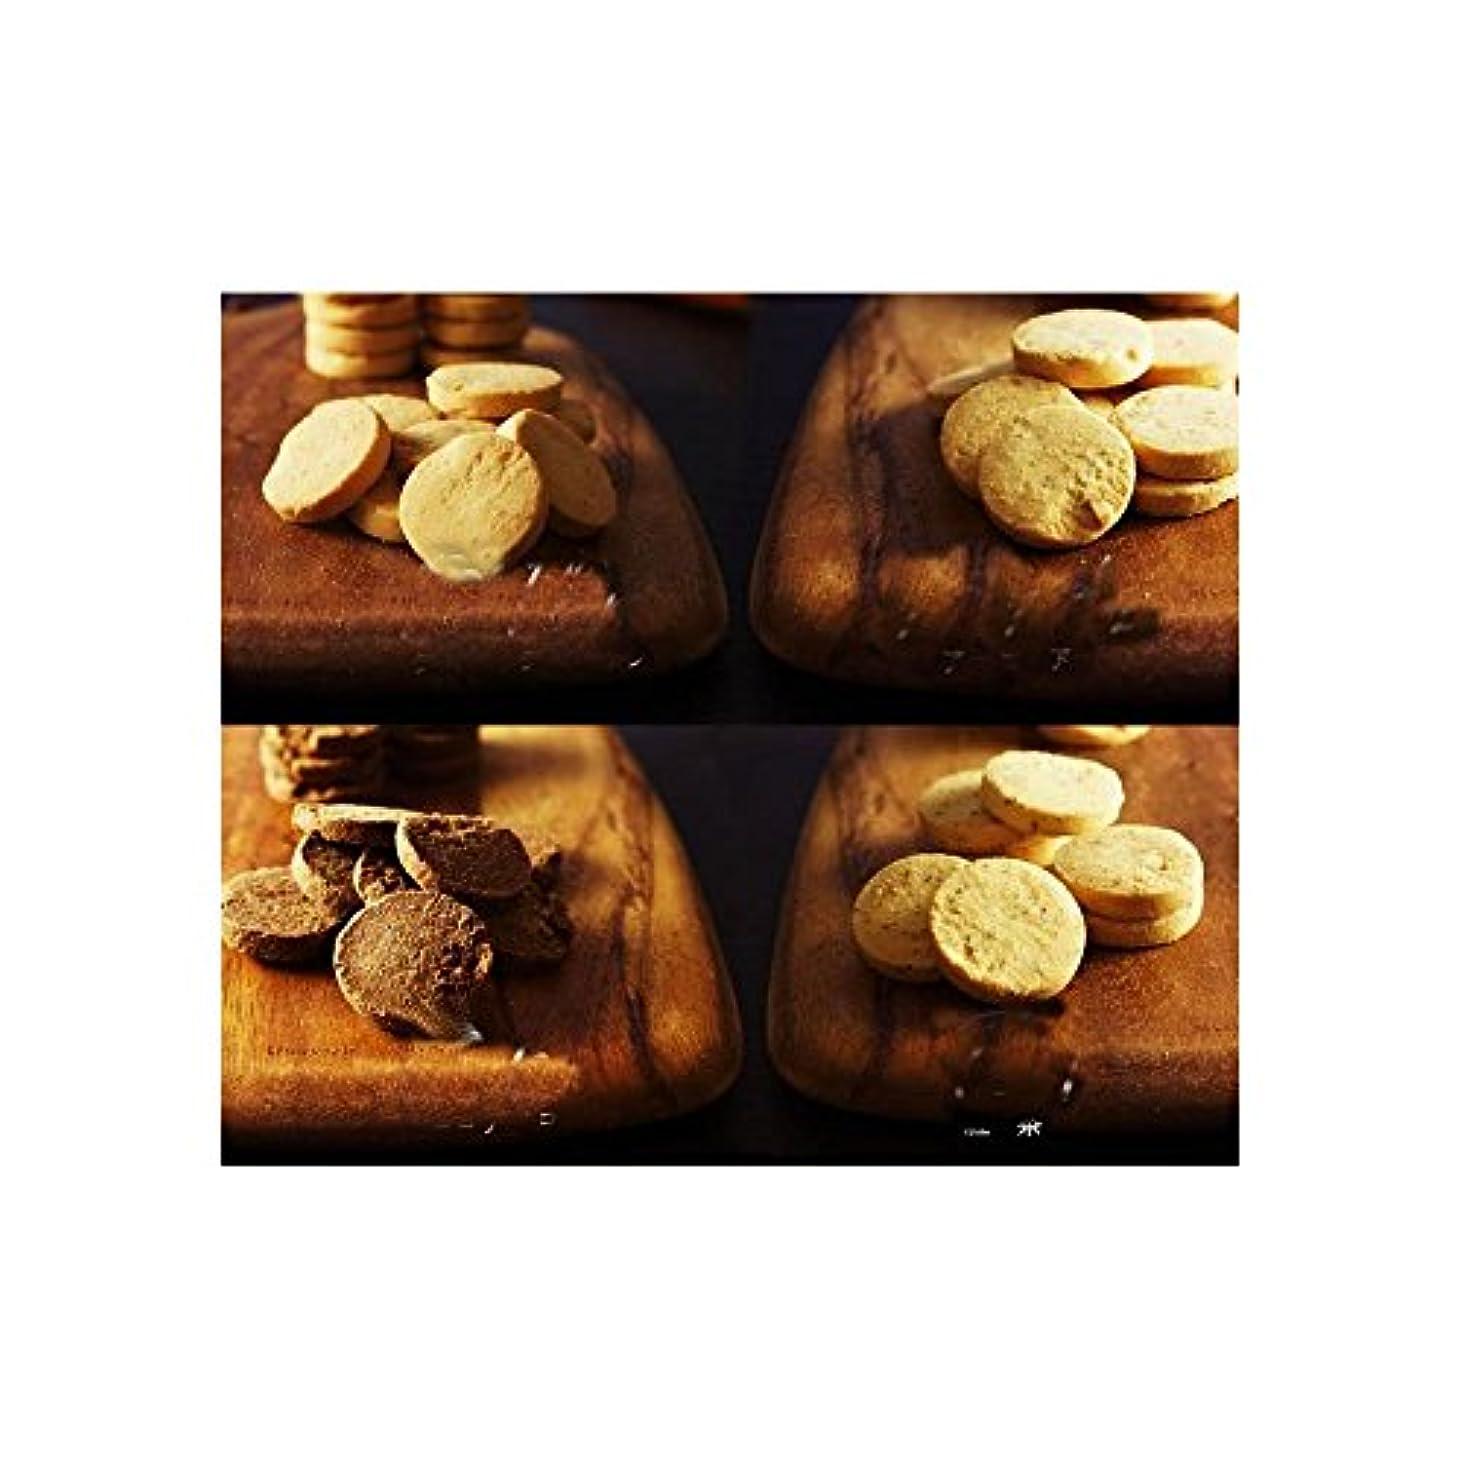 弱まるマラソン港糖質を抑えた豆乳おからクッキー